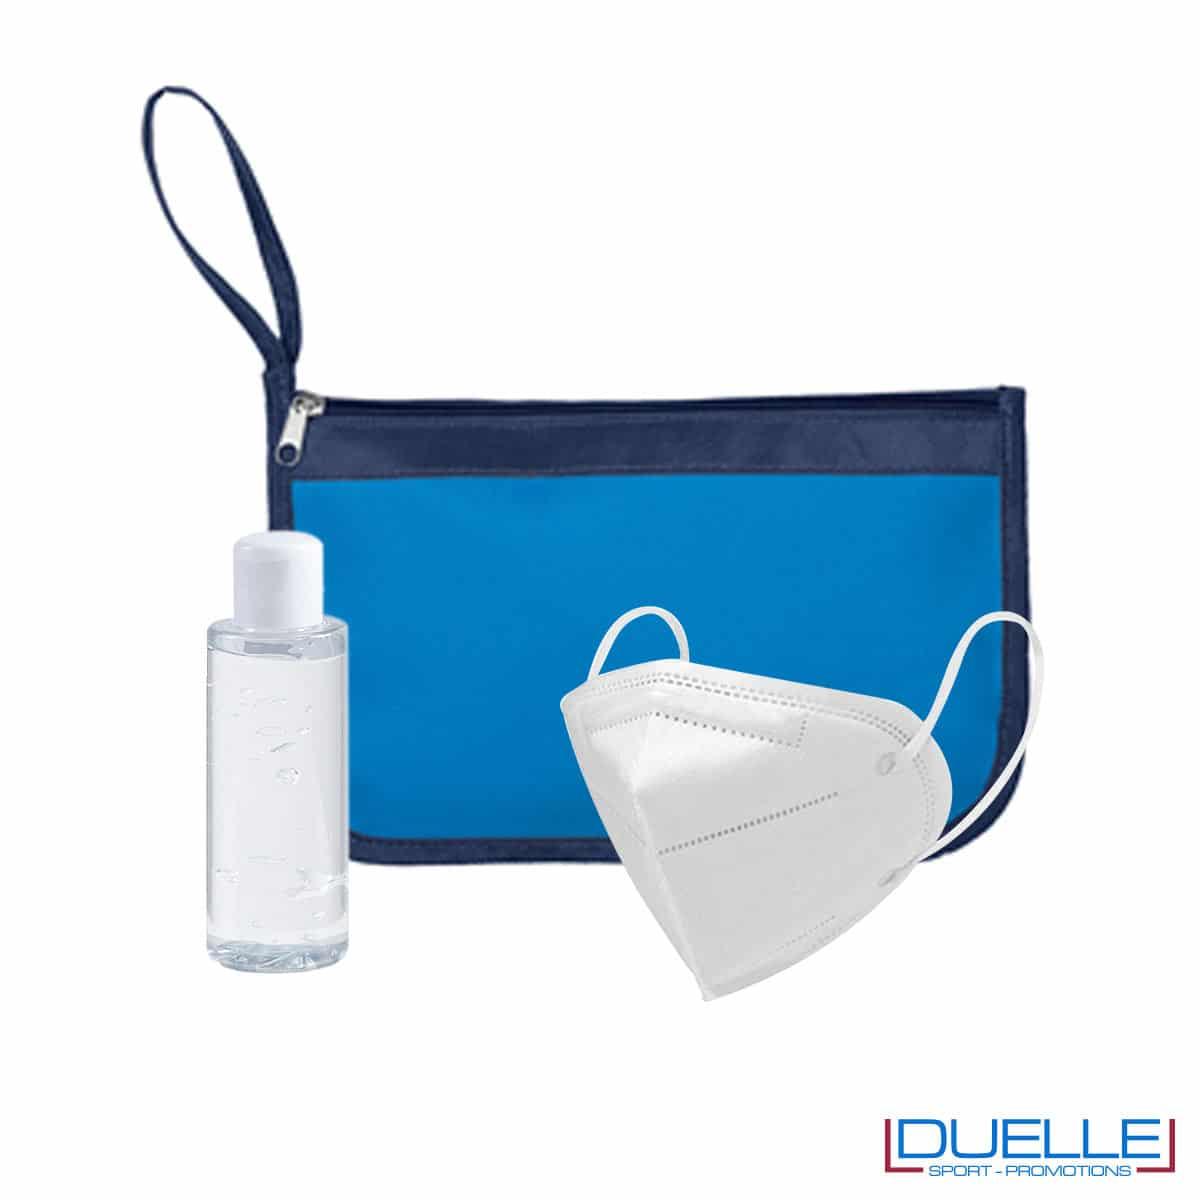 Kit igiene da viaggio con portadocumenti colore blu royal personalizzato